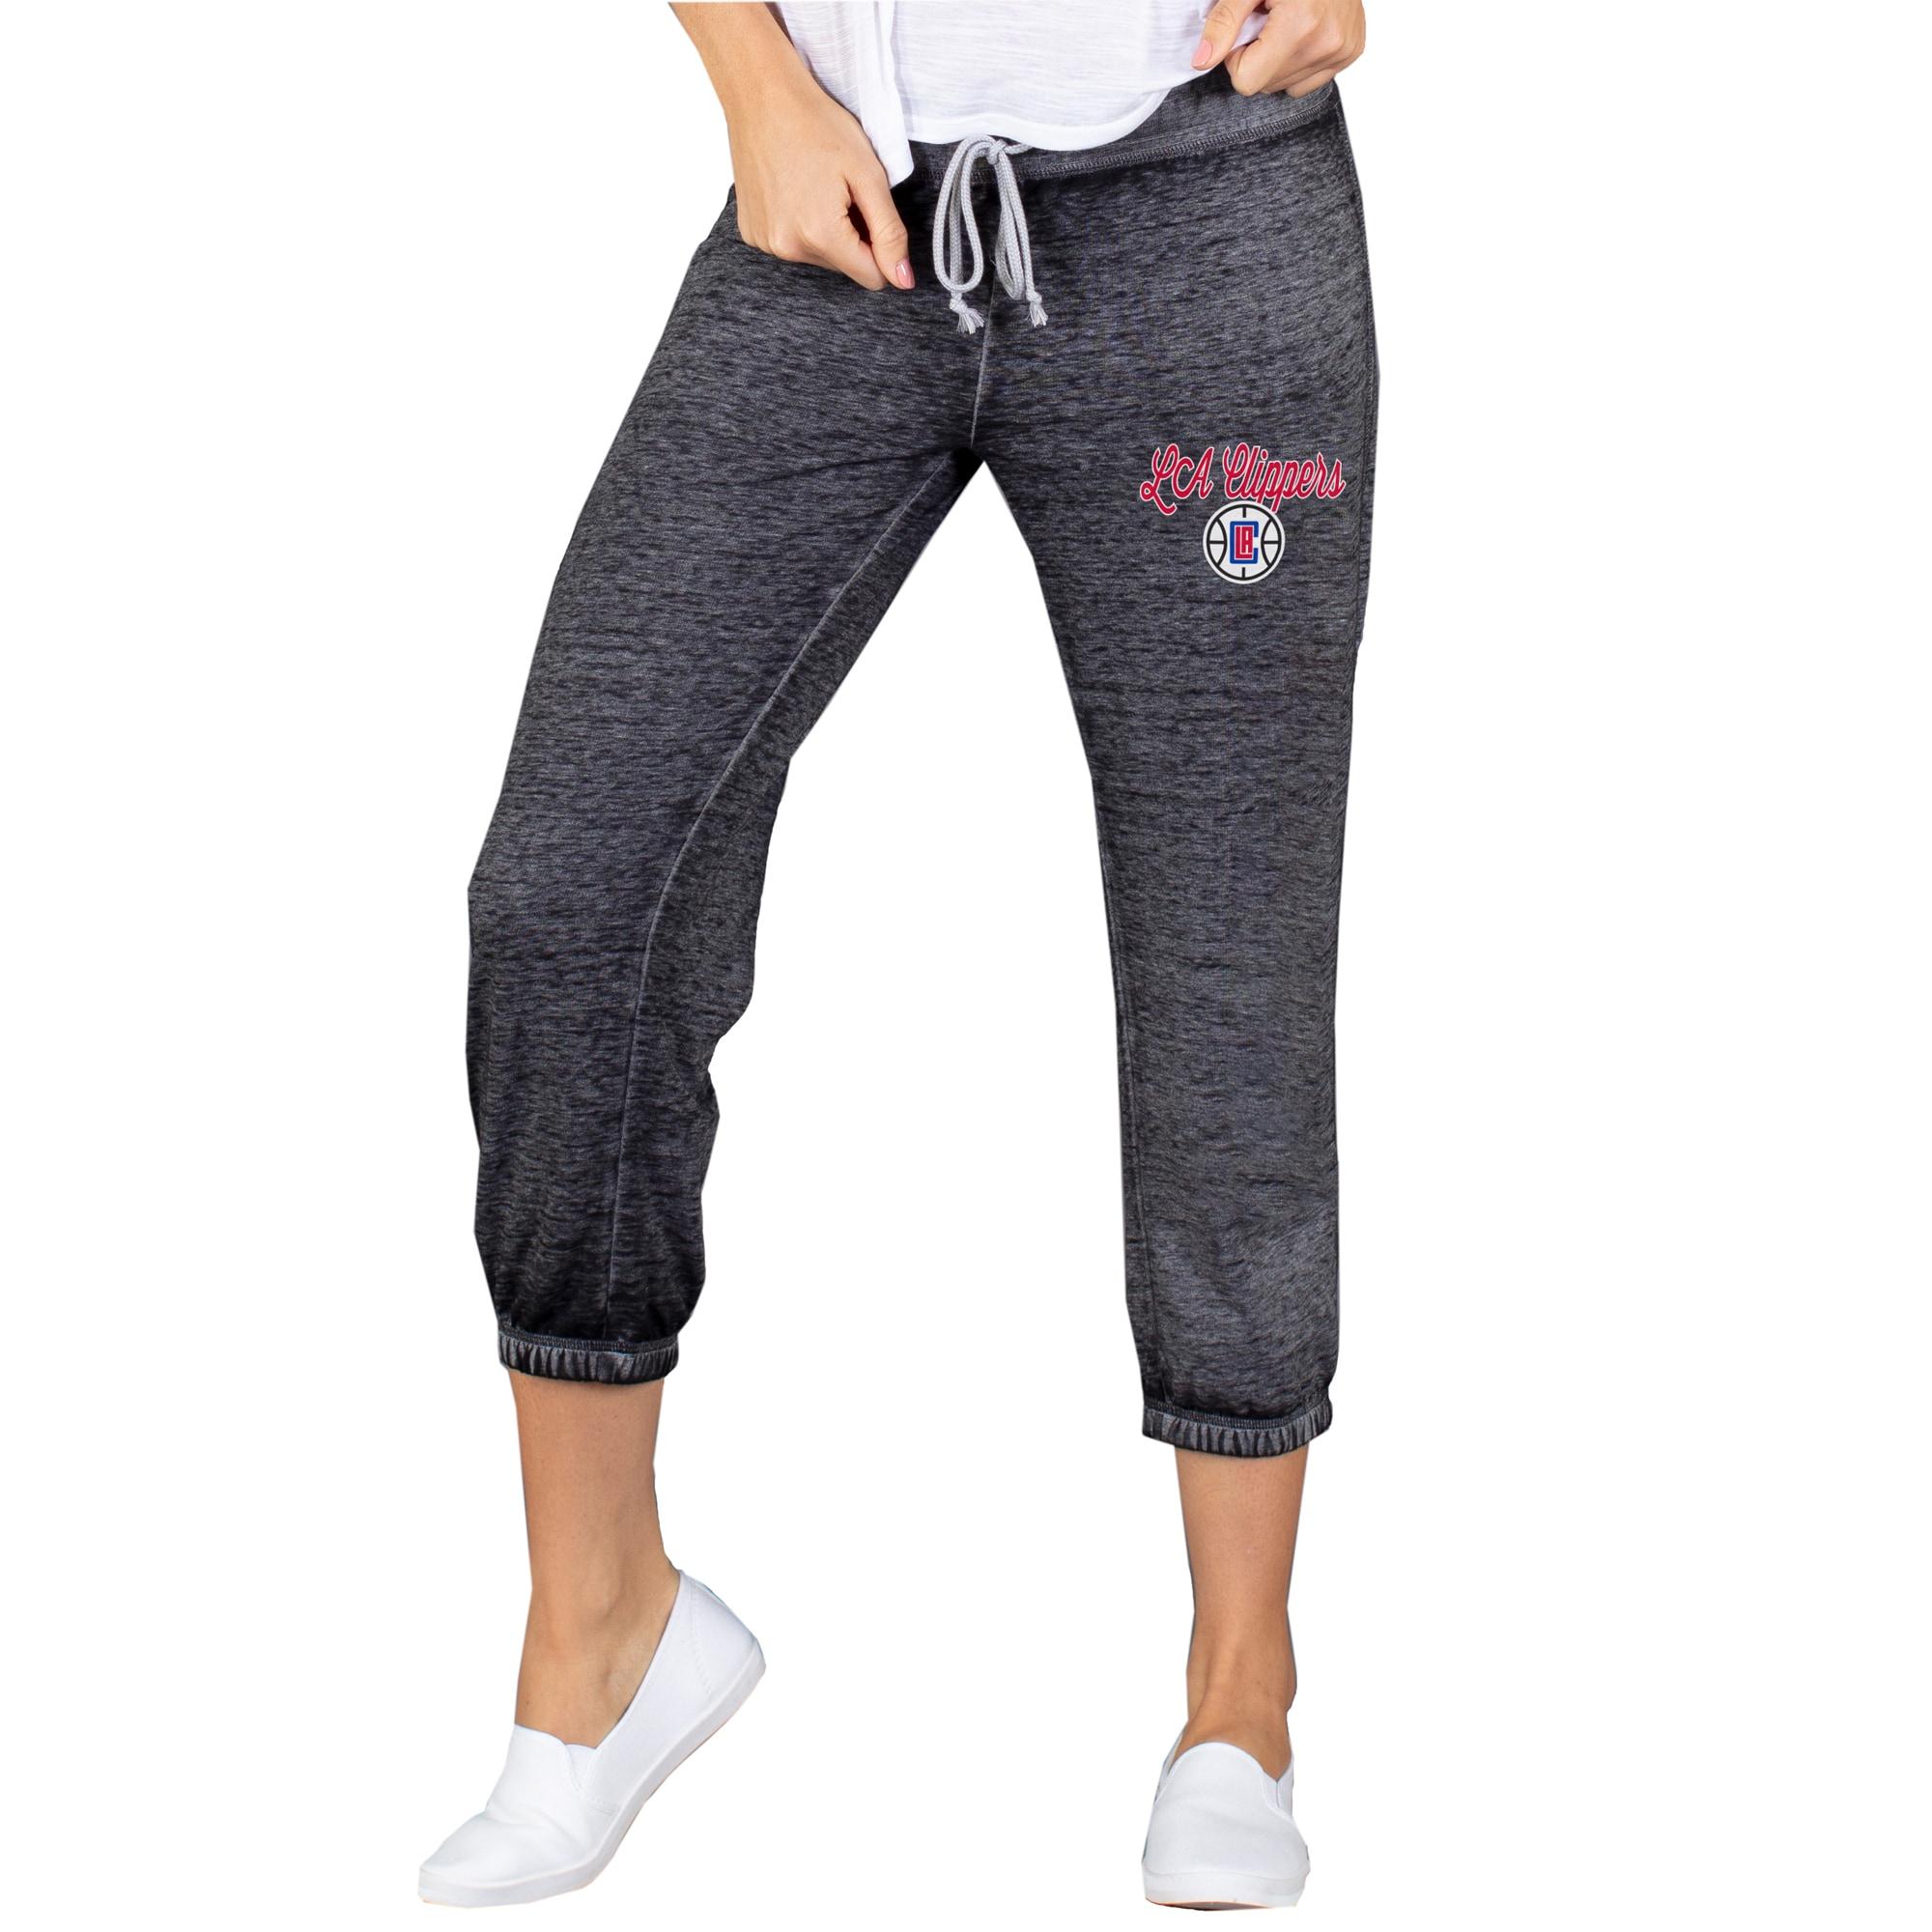 LA Clippers Concepts Sport Women's Capri Knit Lounge Pants - Charcoal